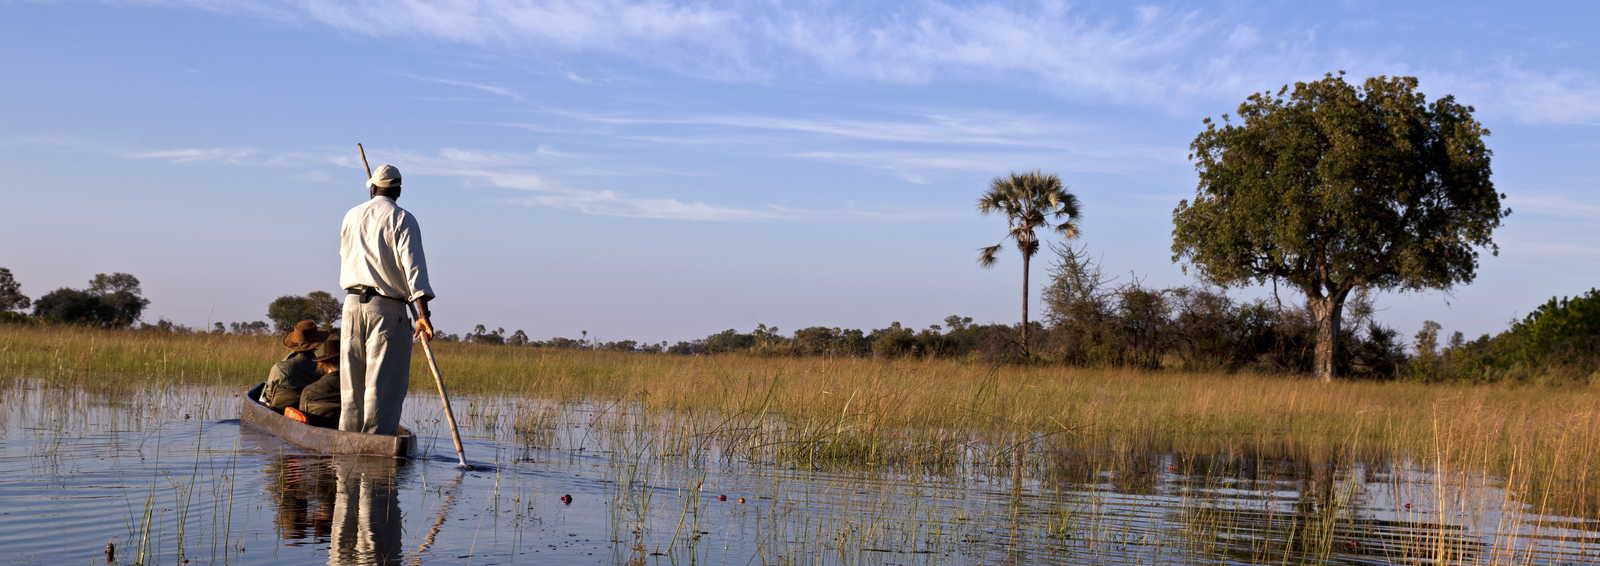 Dugout journey on the Okavango, Botswana